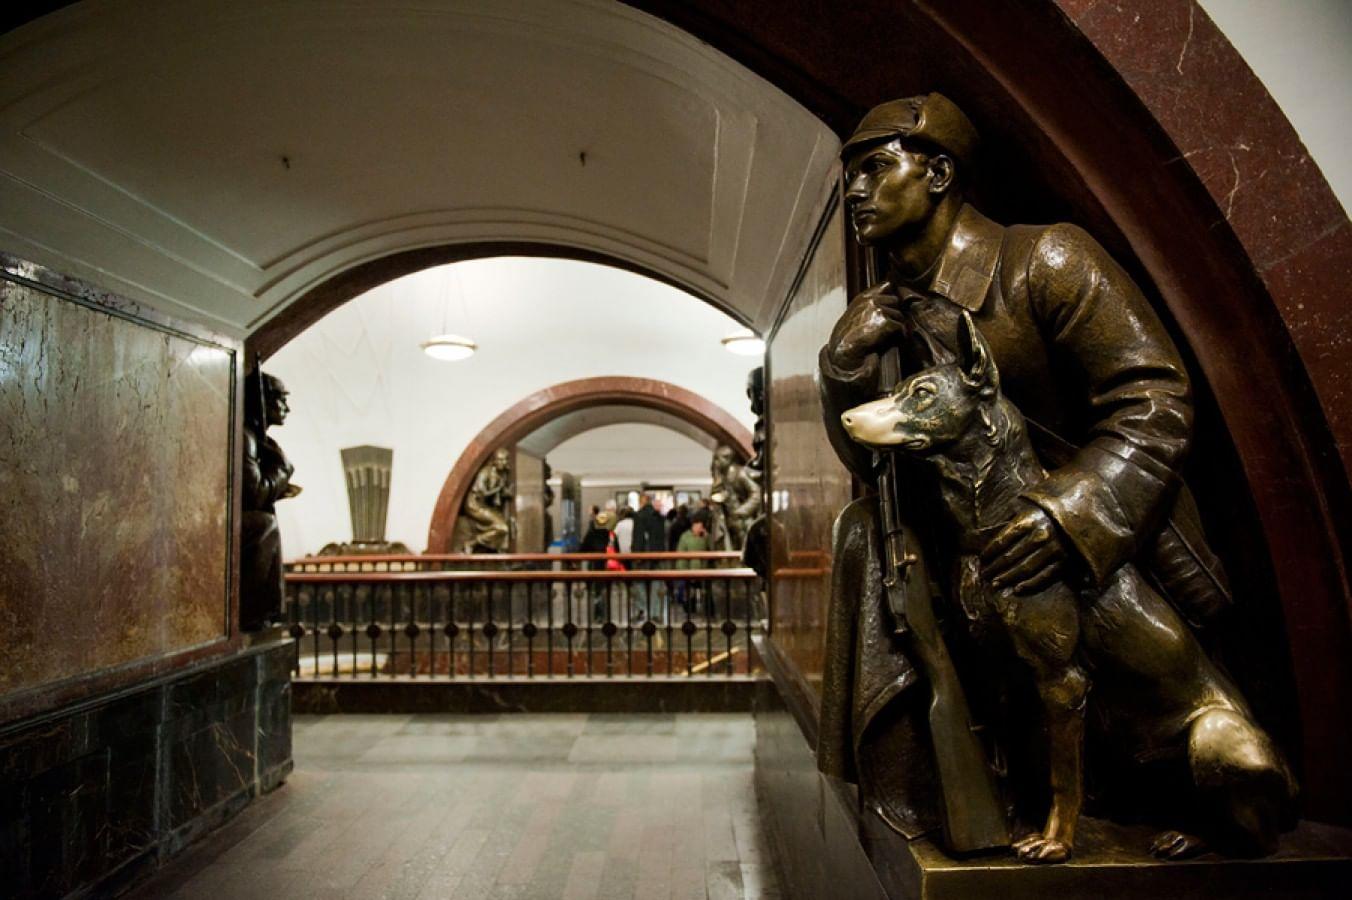 Пограничник с собакой на станции метро «Площадь Революции», Москва